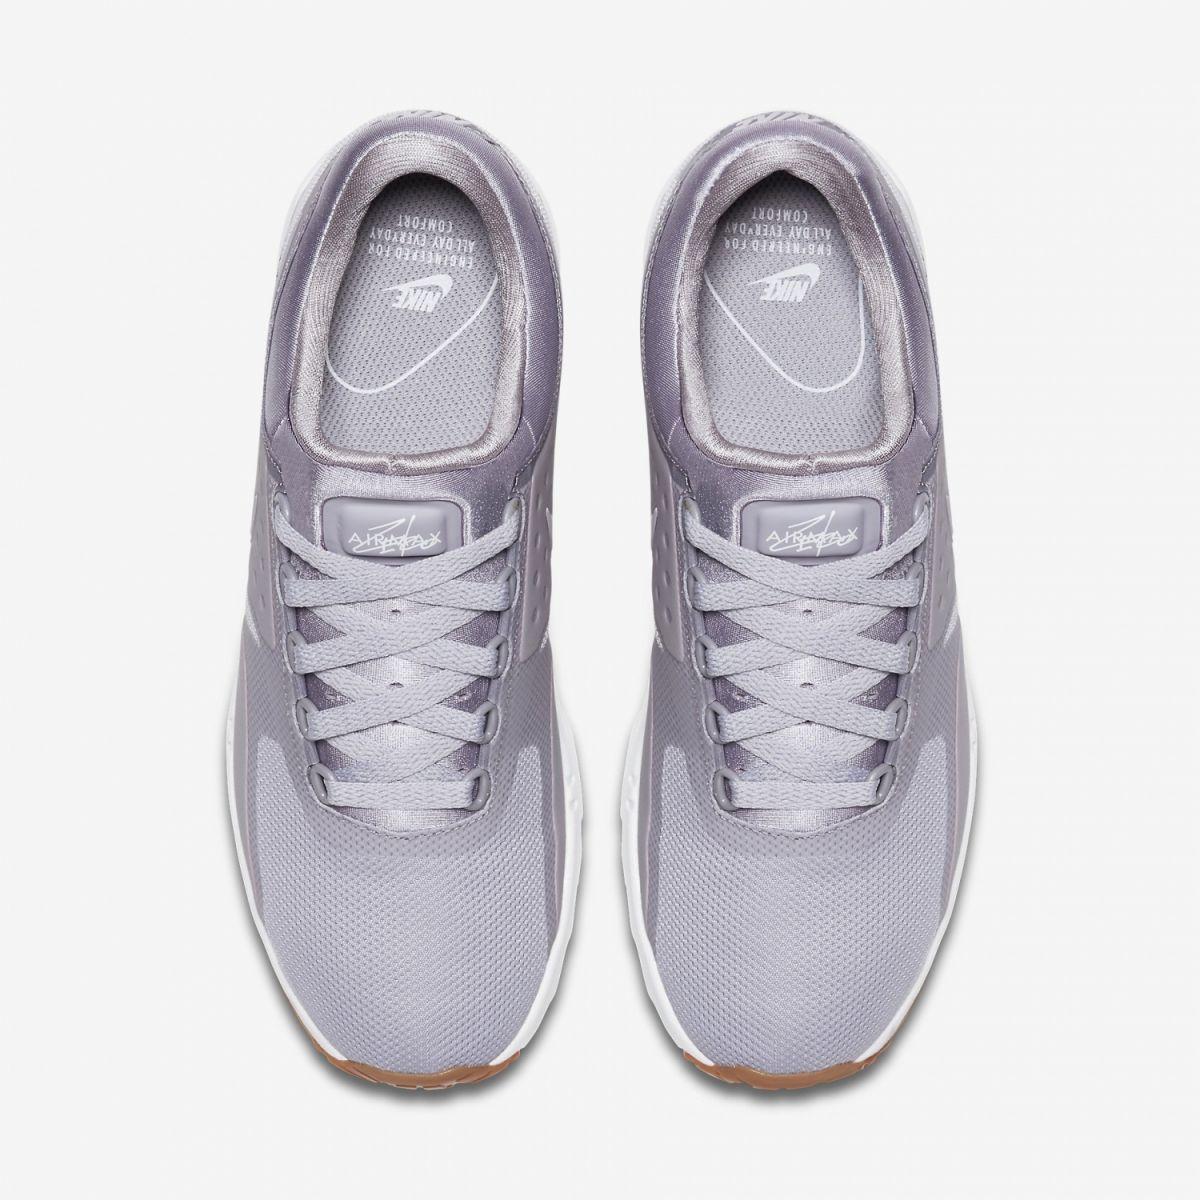 9ad181efab6c9c 500 Nike Damen Sport Sneaker Schuhe Zero Max Lila857661 Air iZuPXOk